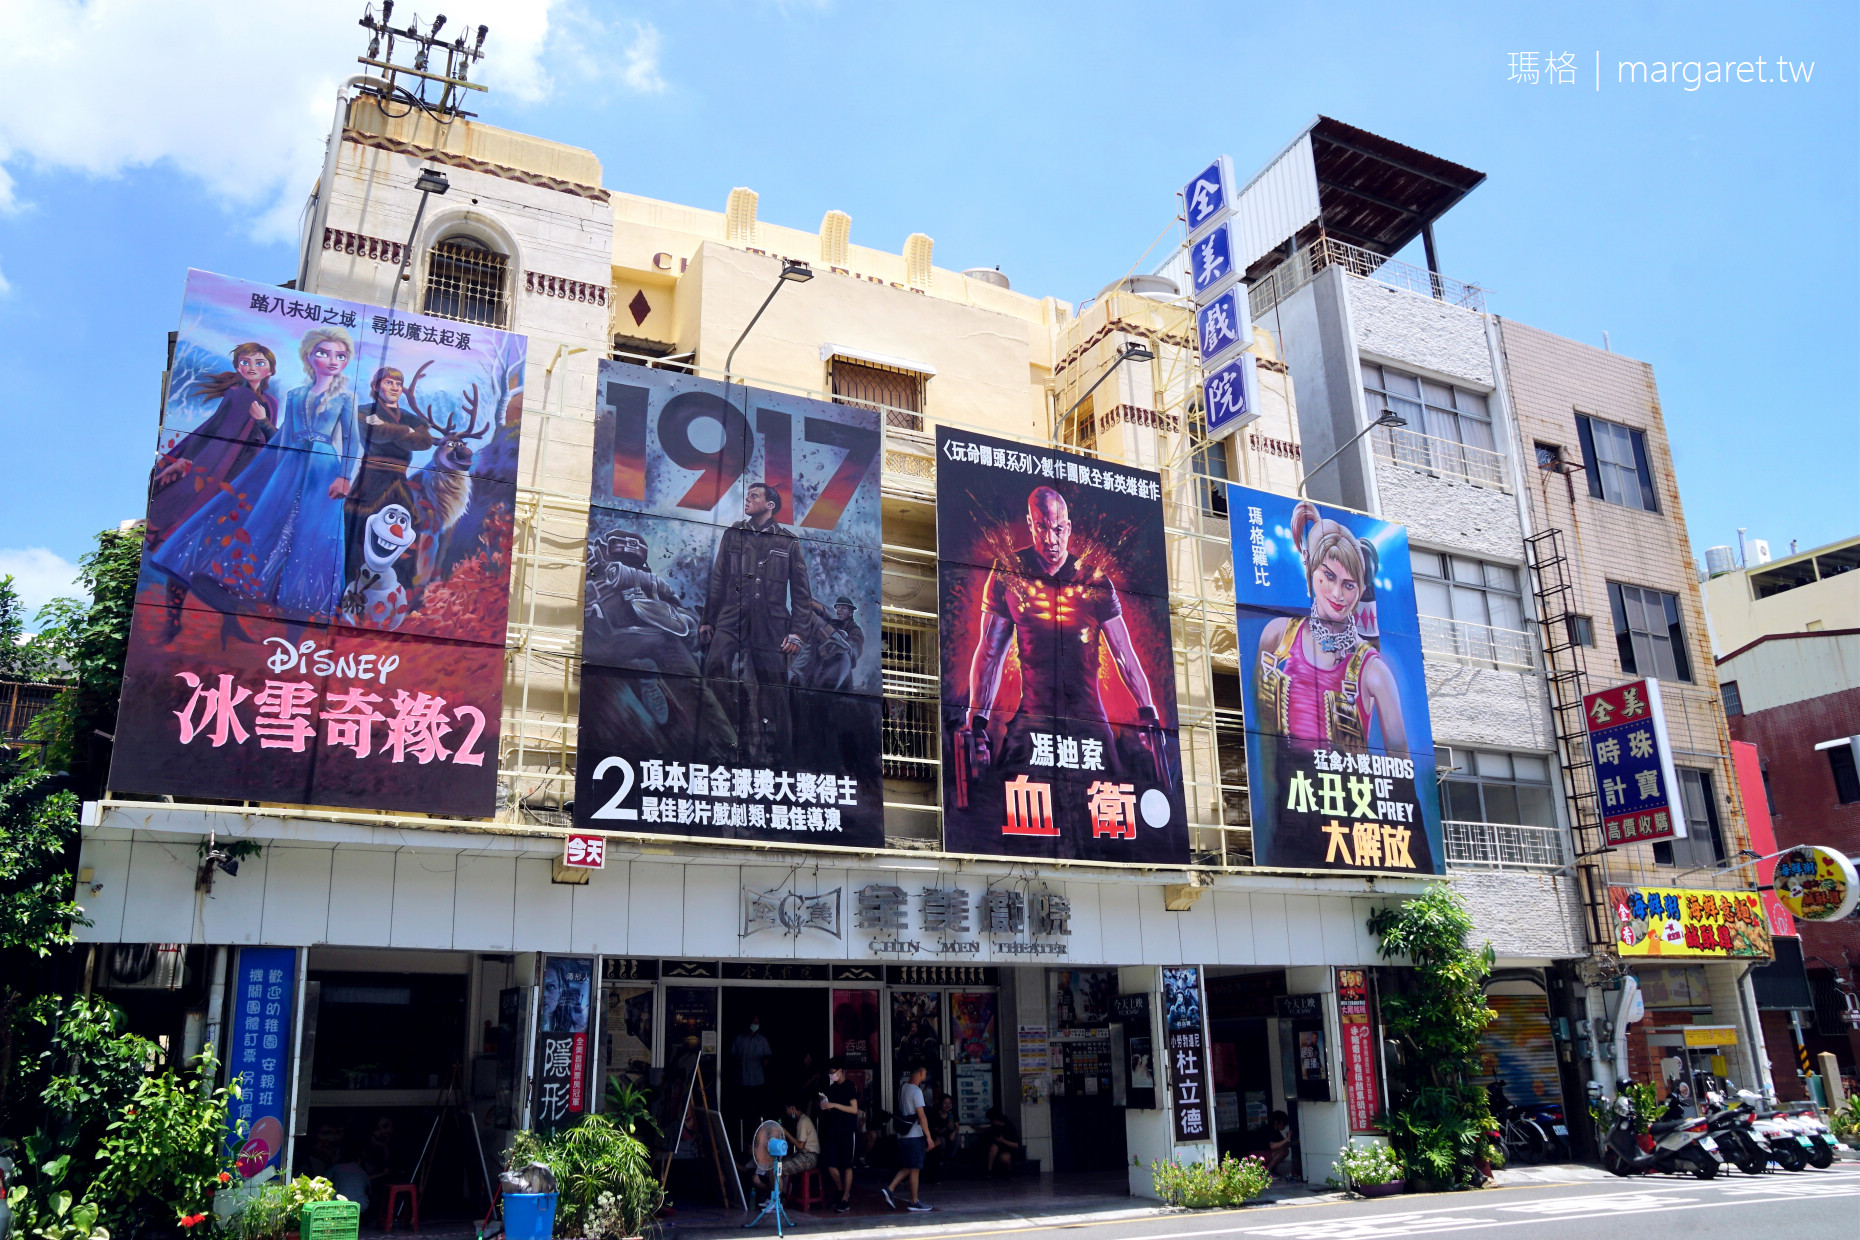 全美戲院。全台僅存手繪電影看板|李安電影夢的啟蒙地點